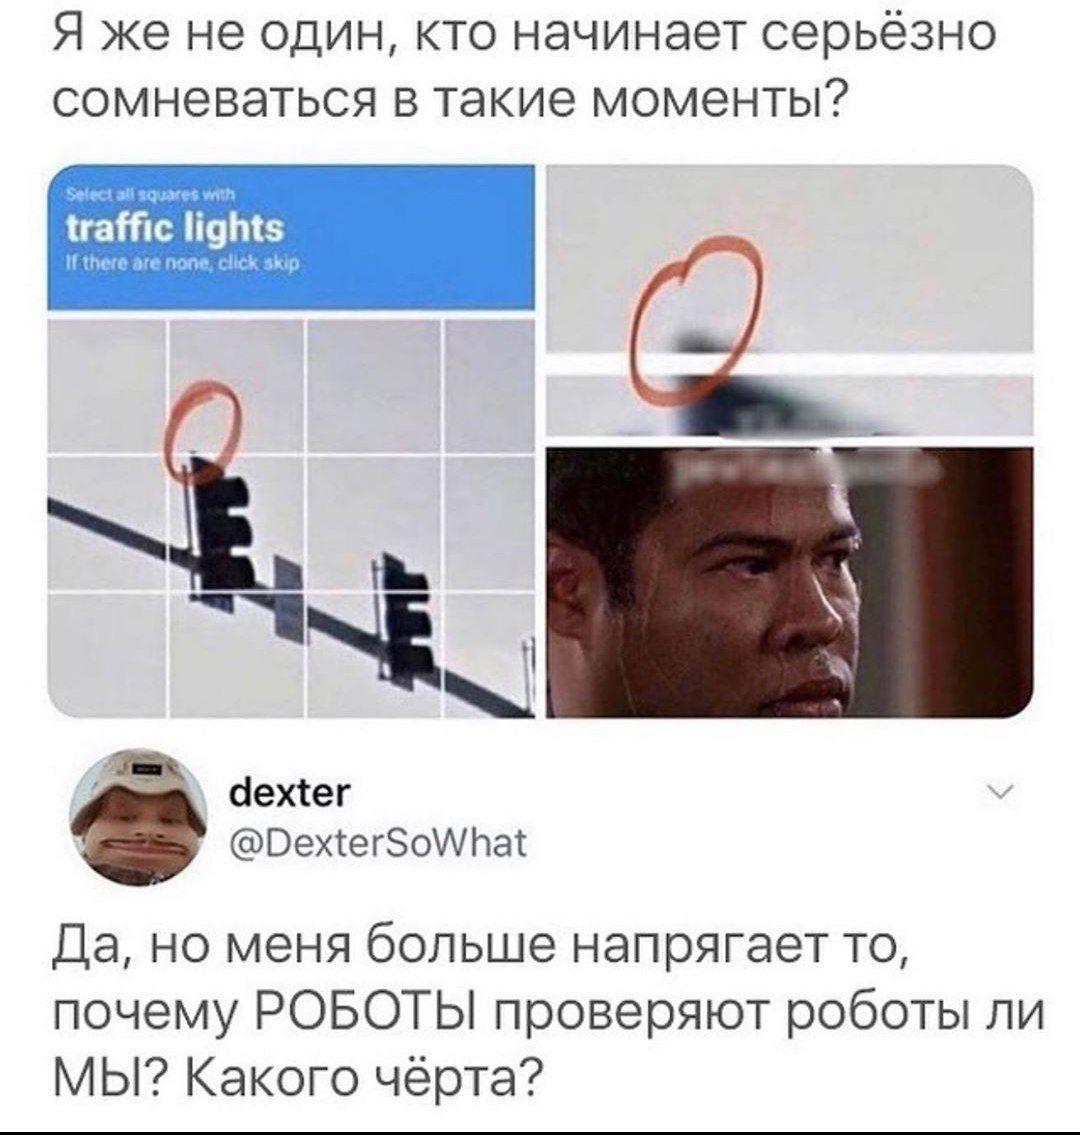 мем про reCaptcha с выделением светофора